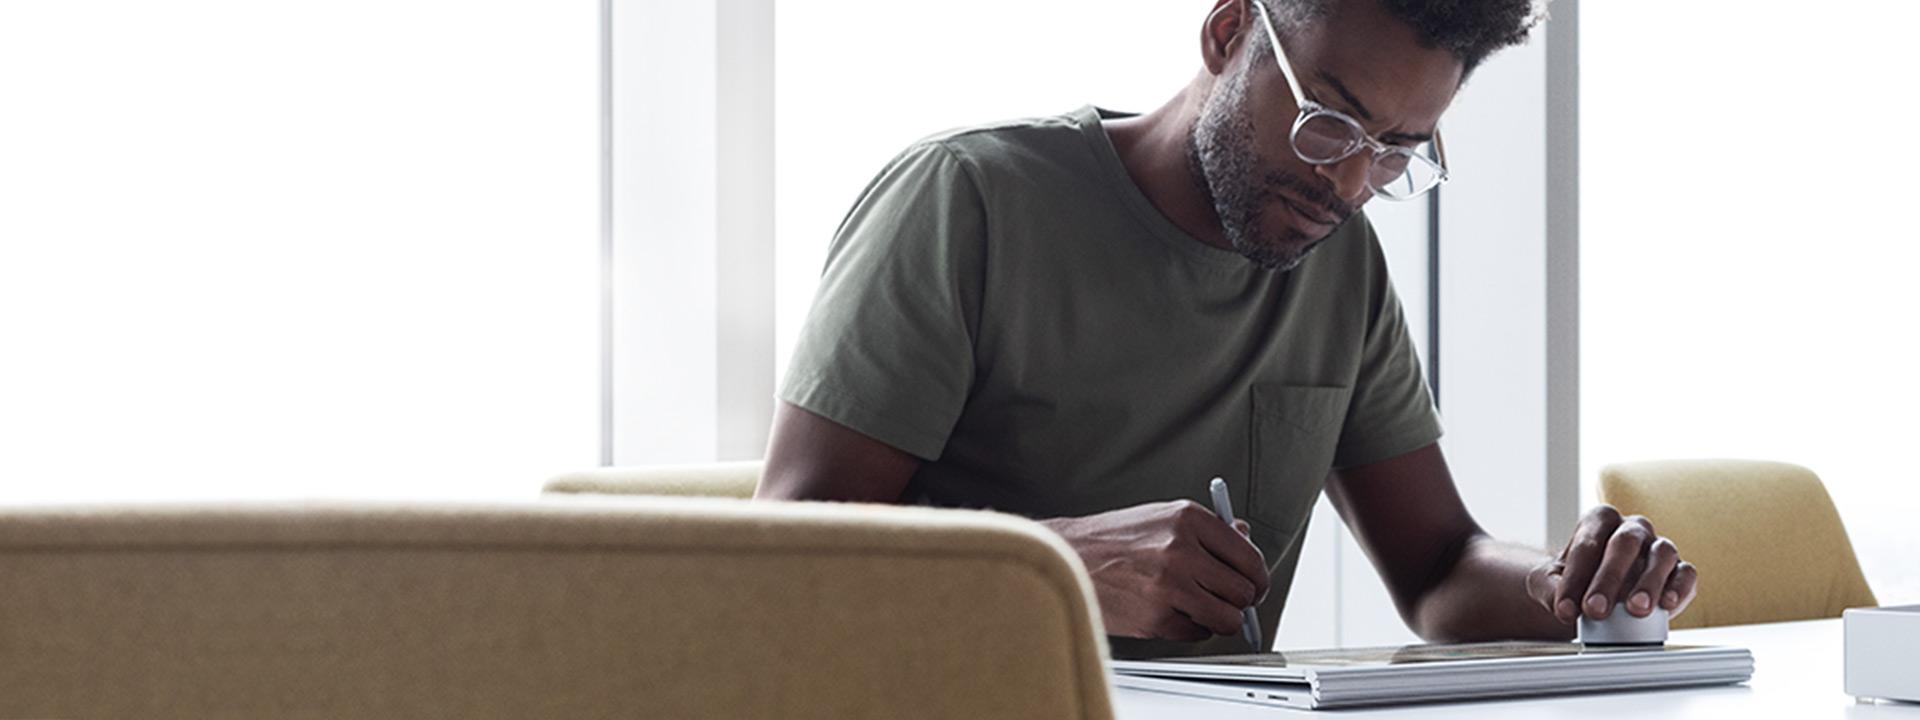 男性がテーブルに座って Surface デバイスとアクセサリを使用しています